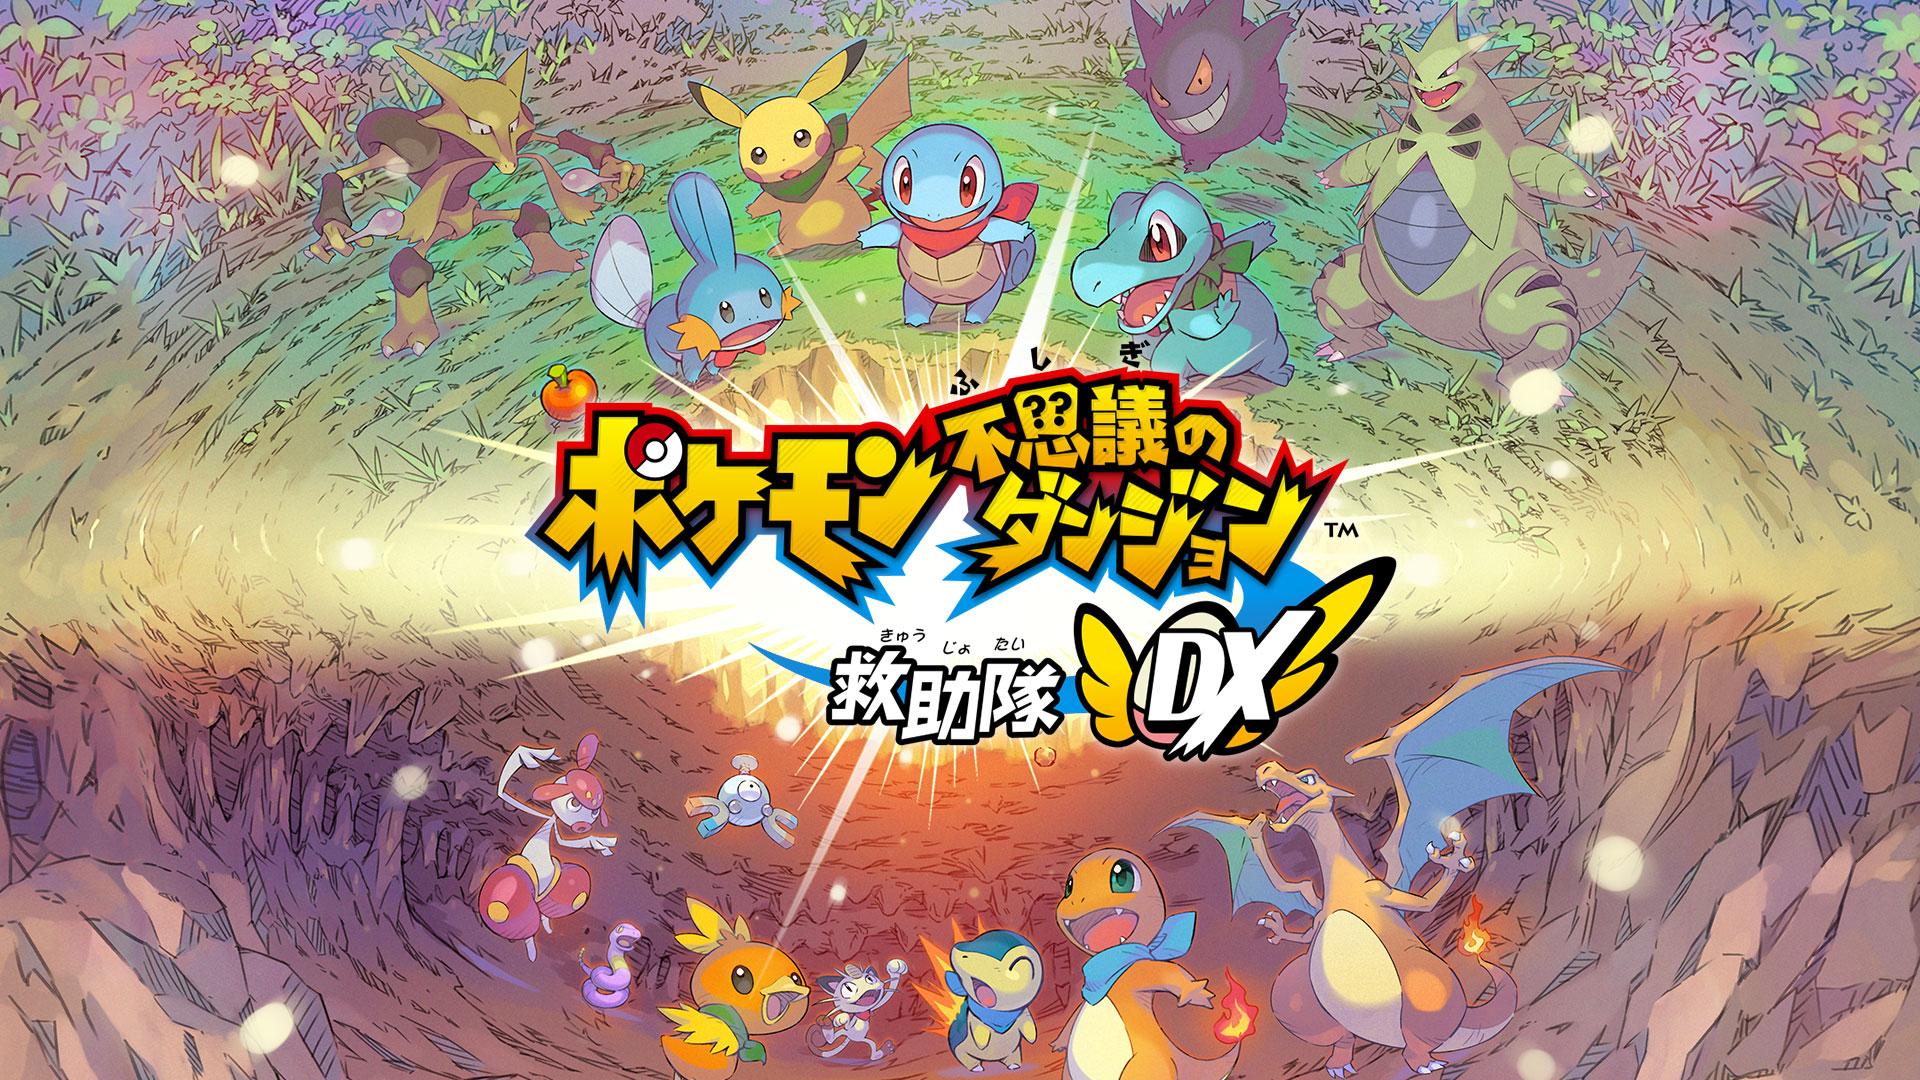 Nintendo Switch|ダウンロード購入|ポケモン不思議のダンジョン 救助隊DX